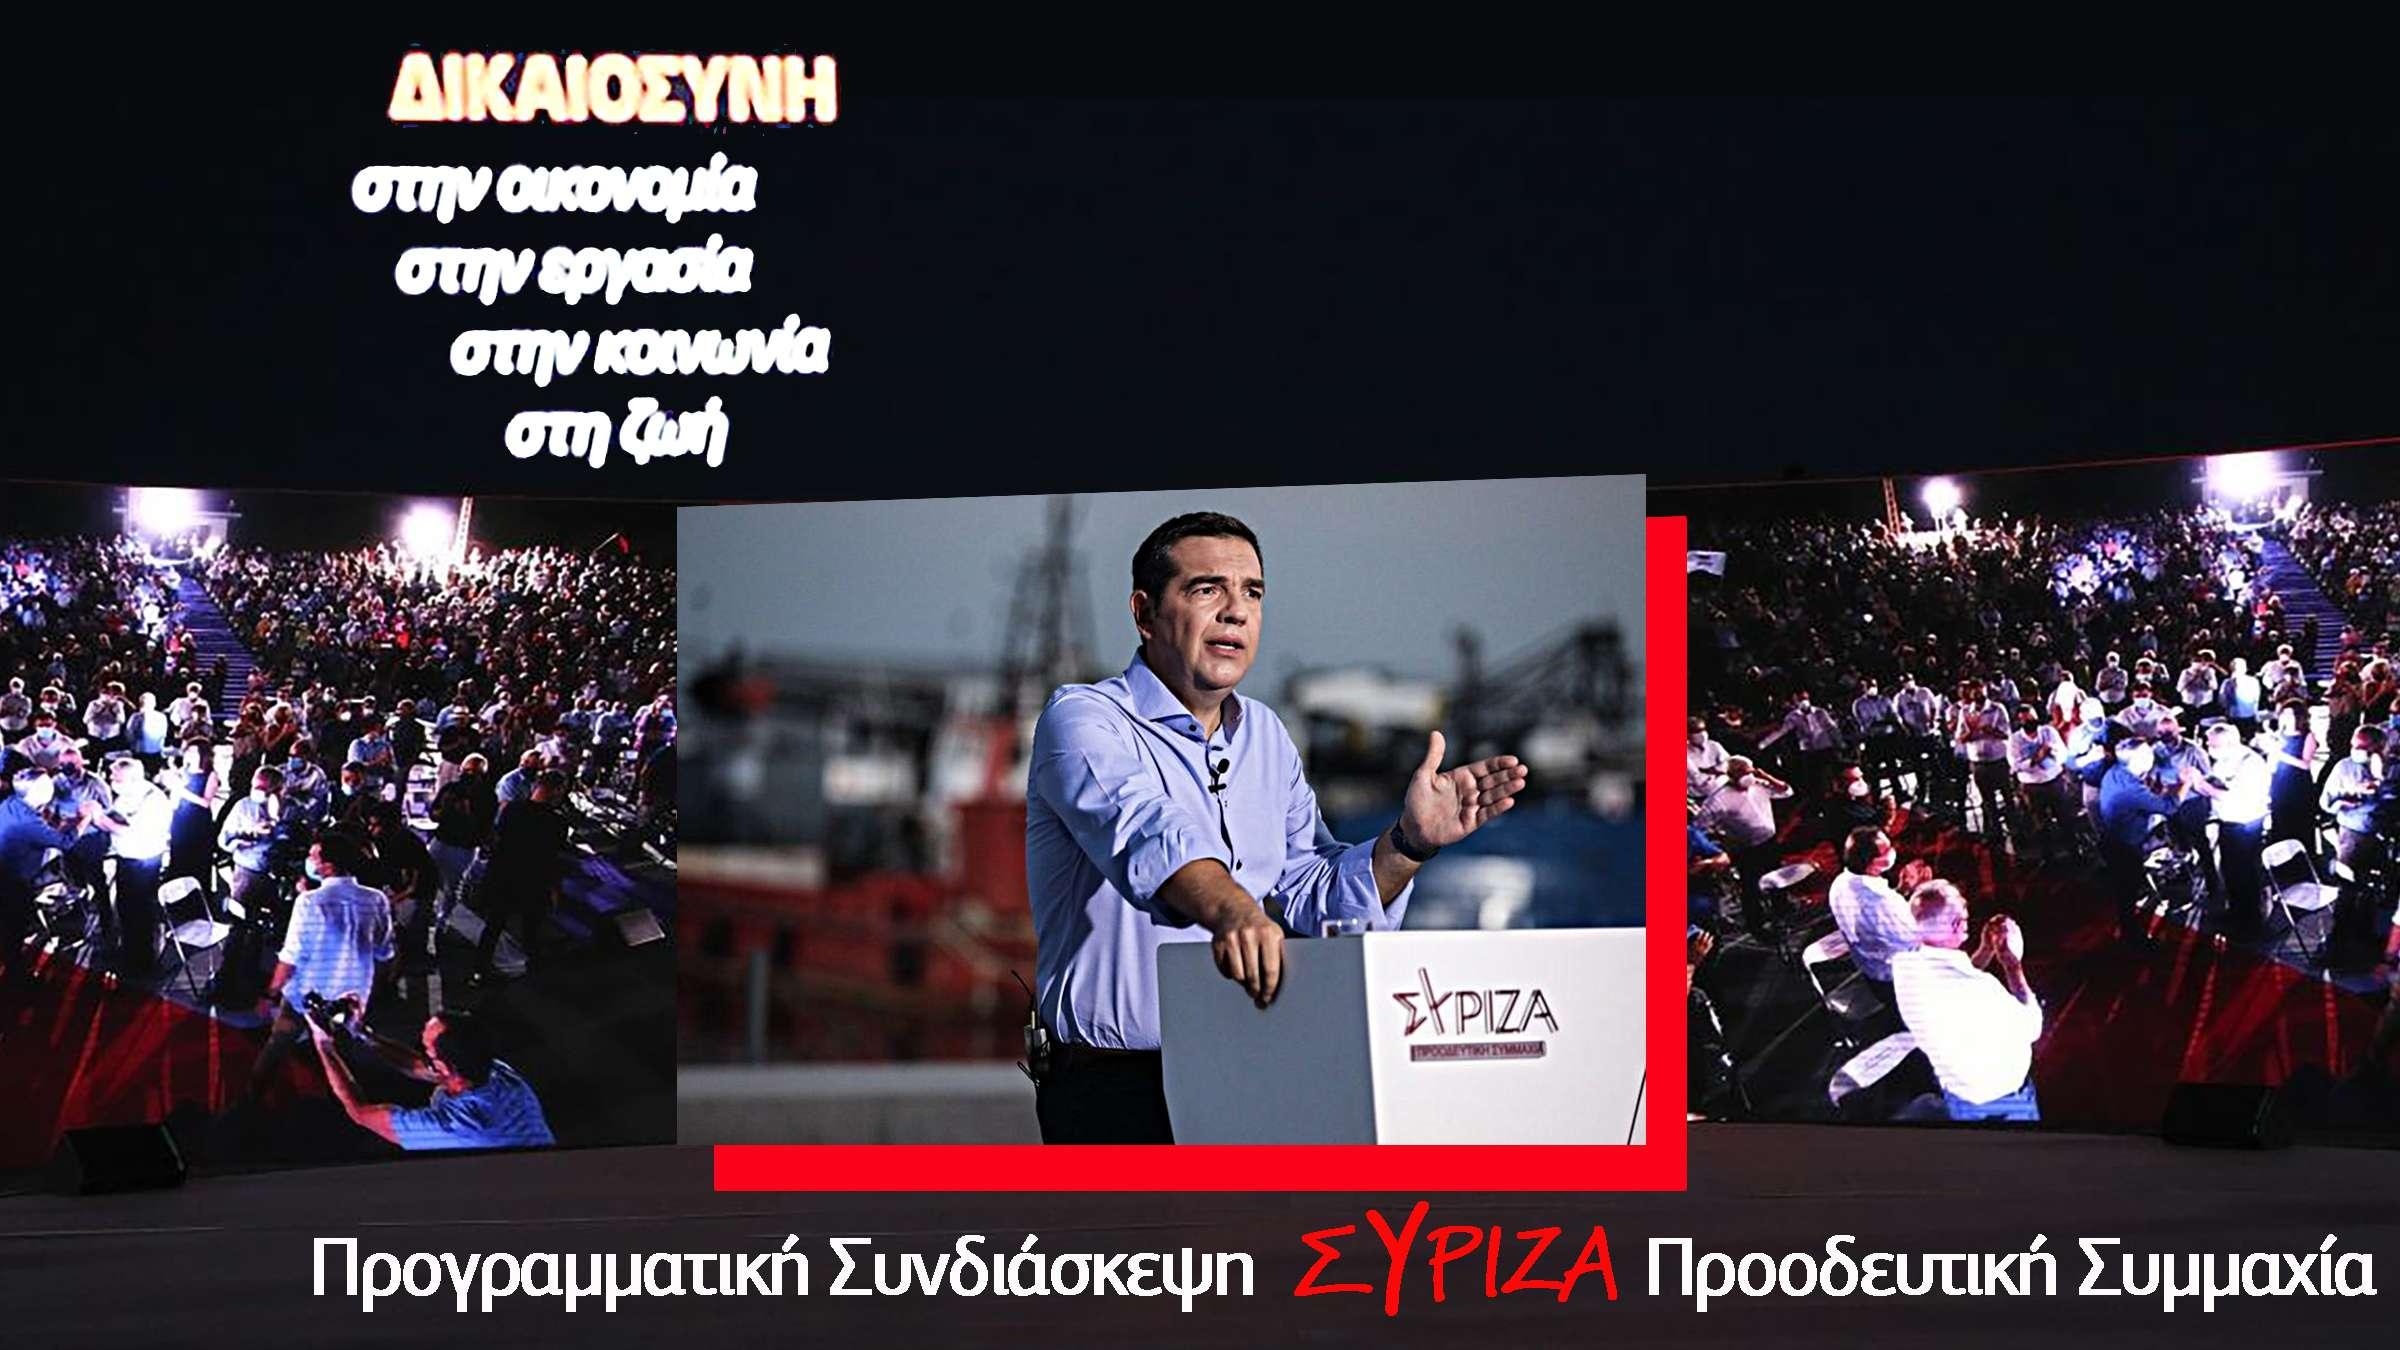 Προγραμματική Συνδιάσκεψη ΣΥΡΙΖΑ Προοδευτική Συμμαχία